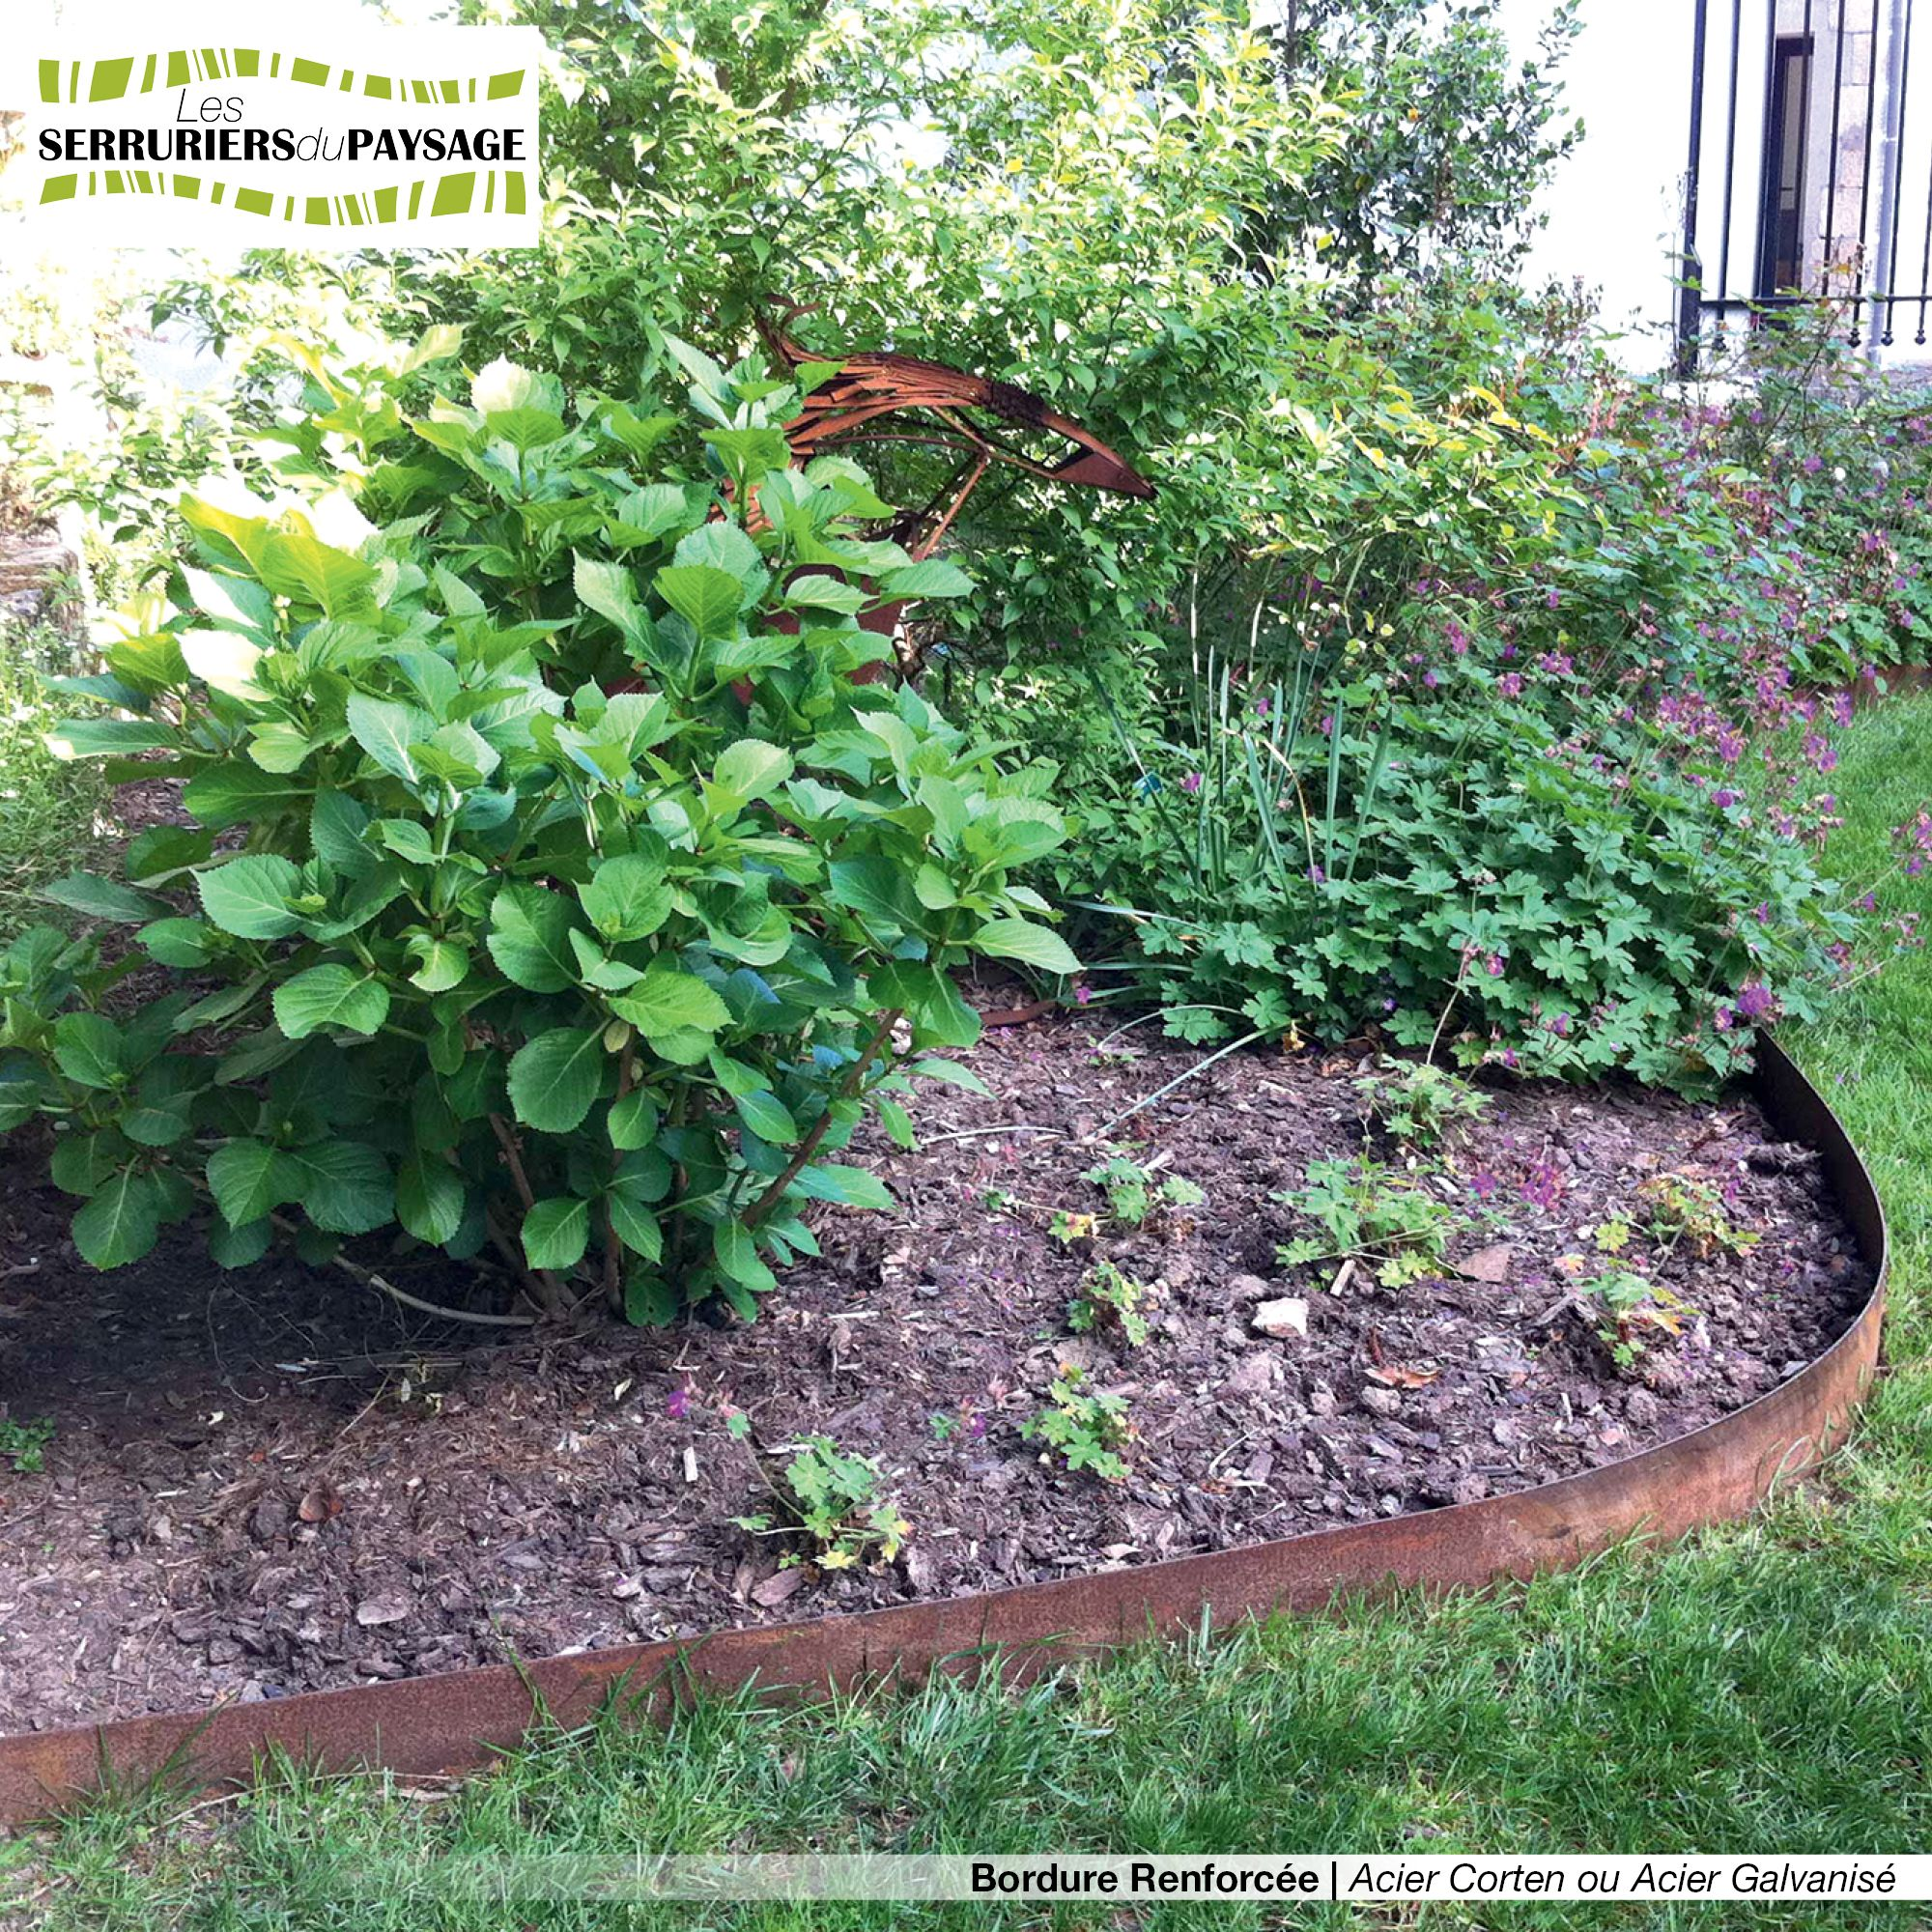 Bordure De Jardin En T Le Acier Galvanis Ou T Le Acier Corten  # Abri De Jardin Ideal Guillemin